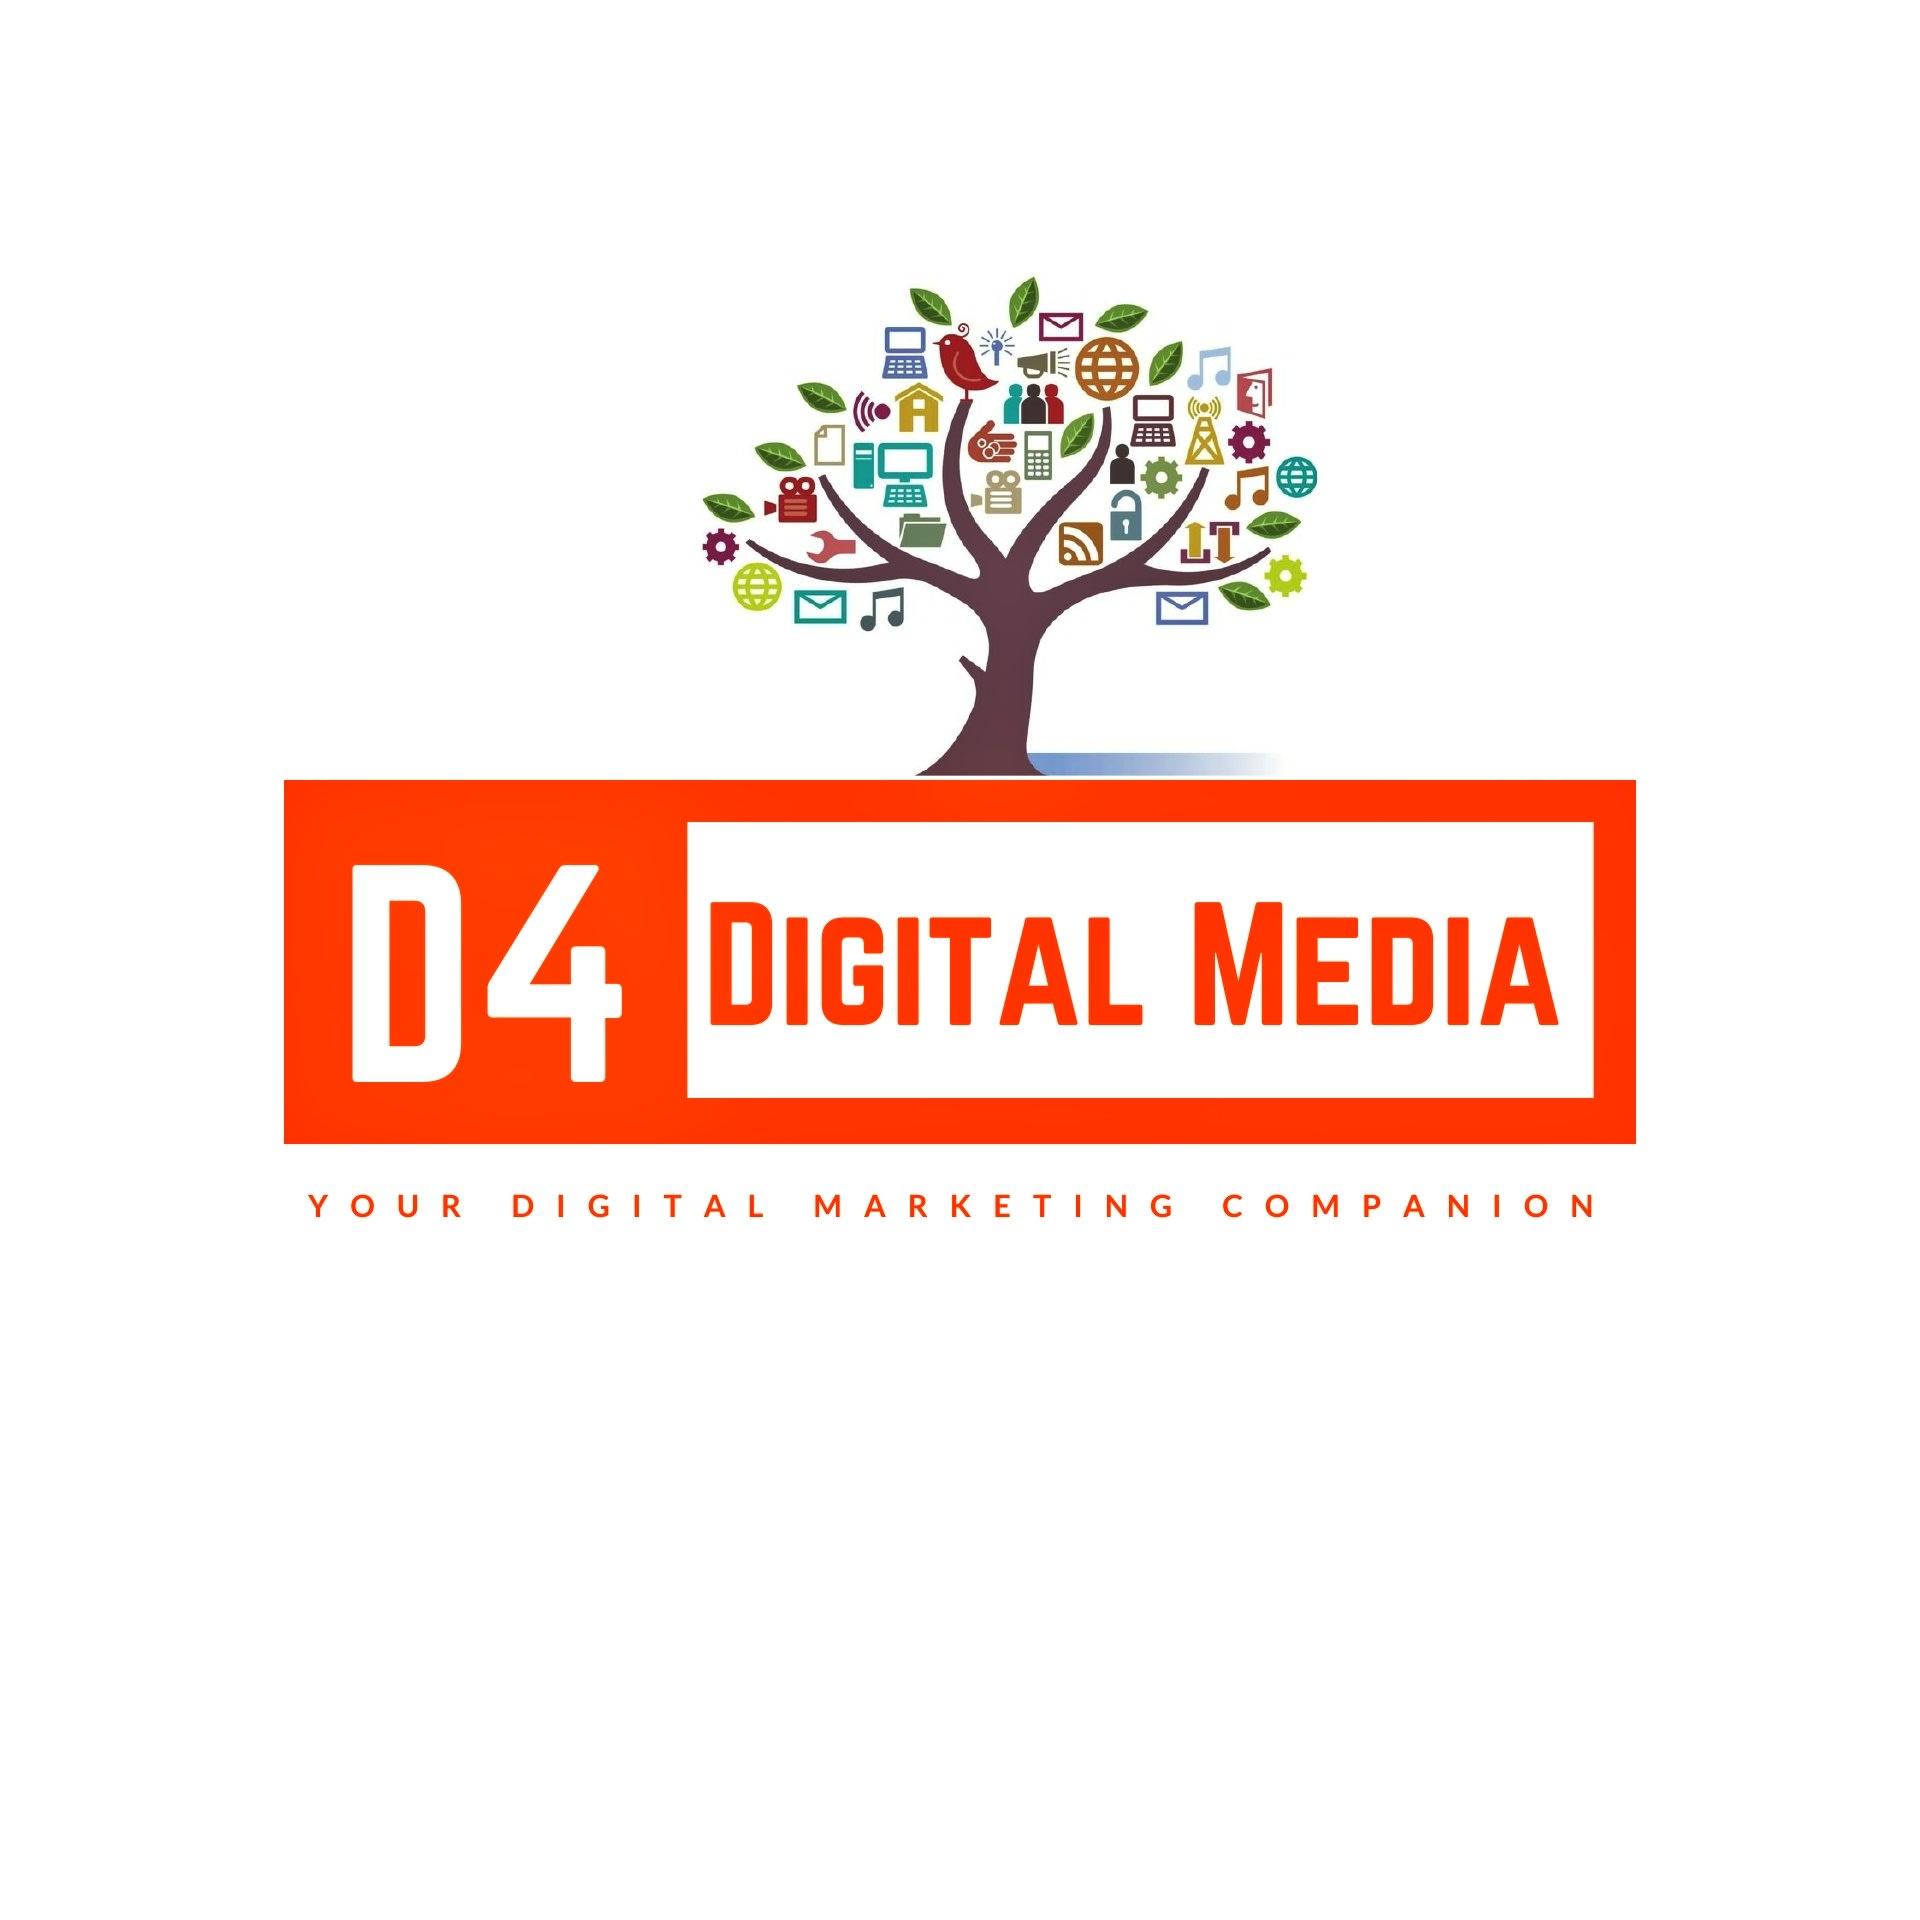 D4 Digital Media